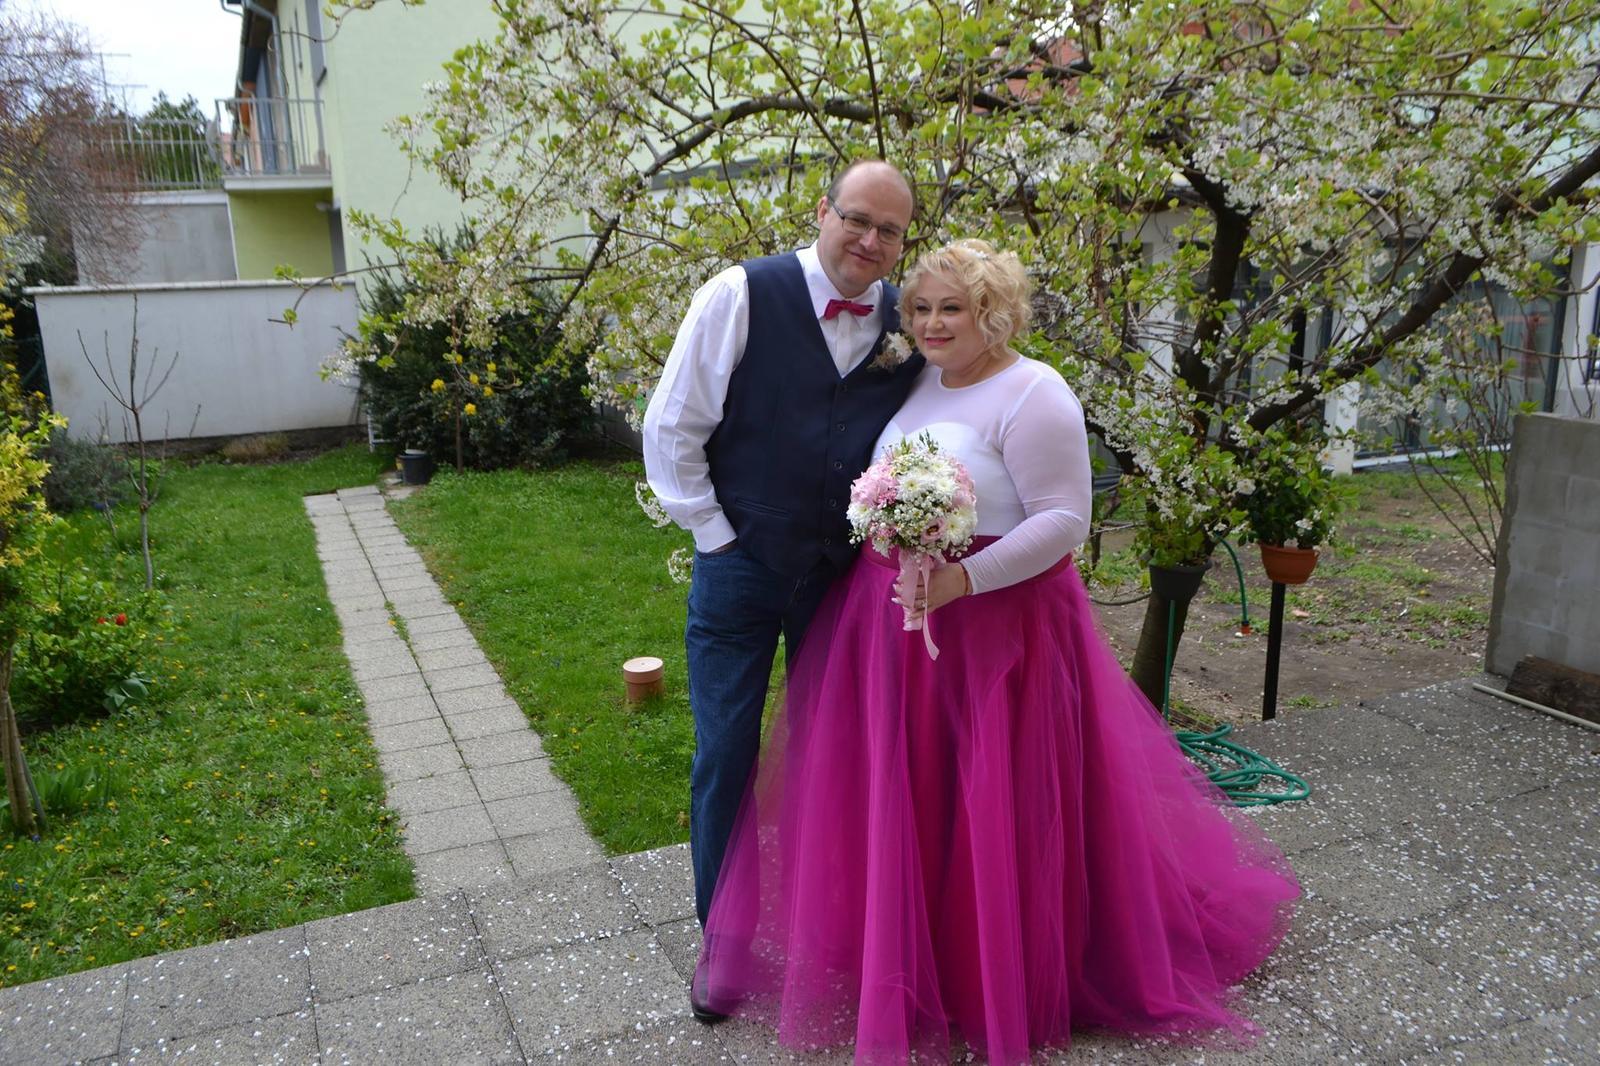 peter_a_lucia - Svadobné šaty v kombinácii dlhej tlovej Lo-OK sukne a čipkovaného bolerka